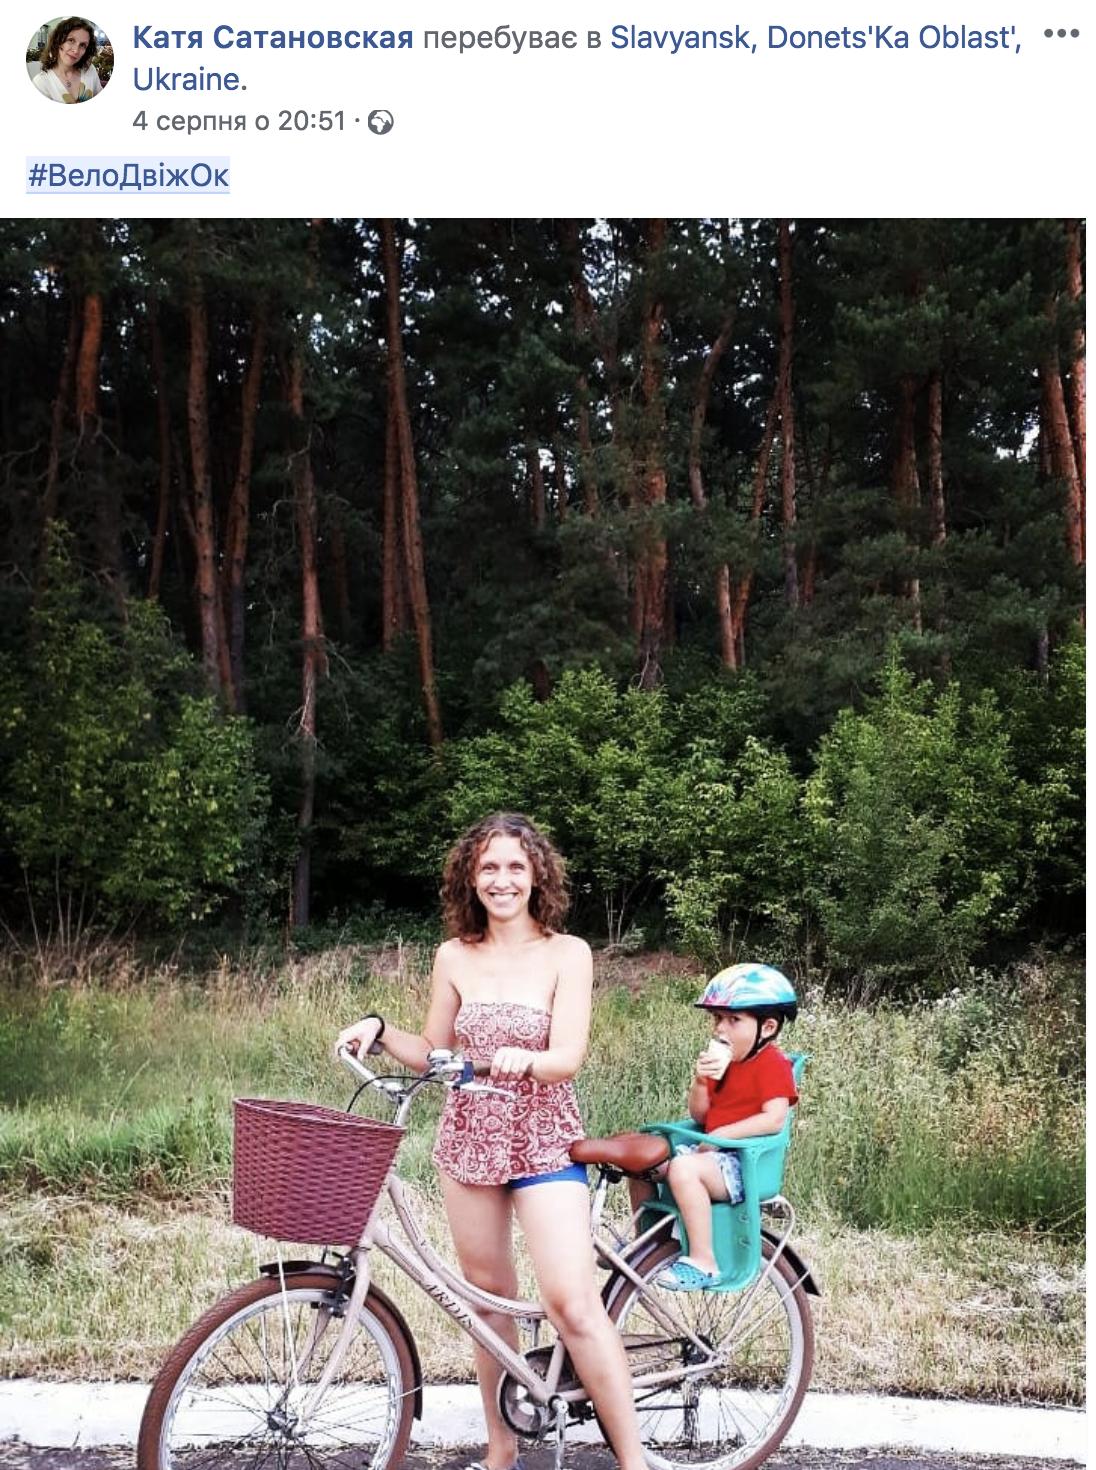 Куда поехать на выходные. Фестиваль ВелоДвижОк в Славянске, фото-5